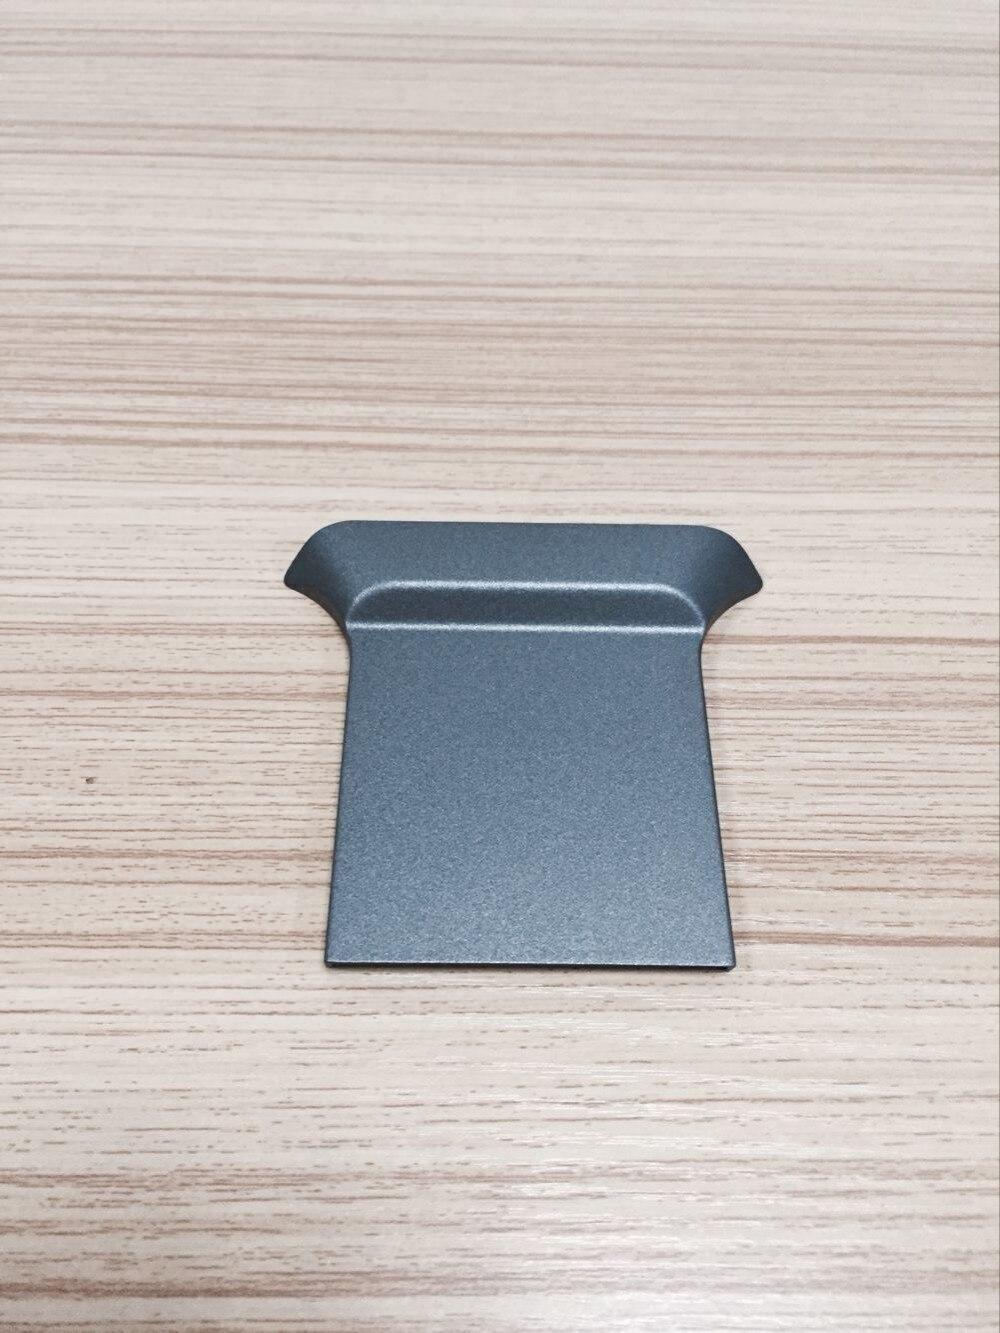 2018 Nuovo Arrivo NCR T a Forma di Macchina Fotografica di Foro del Pannello senza Spille ATM Macchina Fotografica Pannello ATM Parte